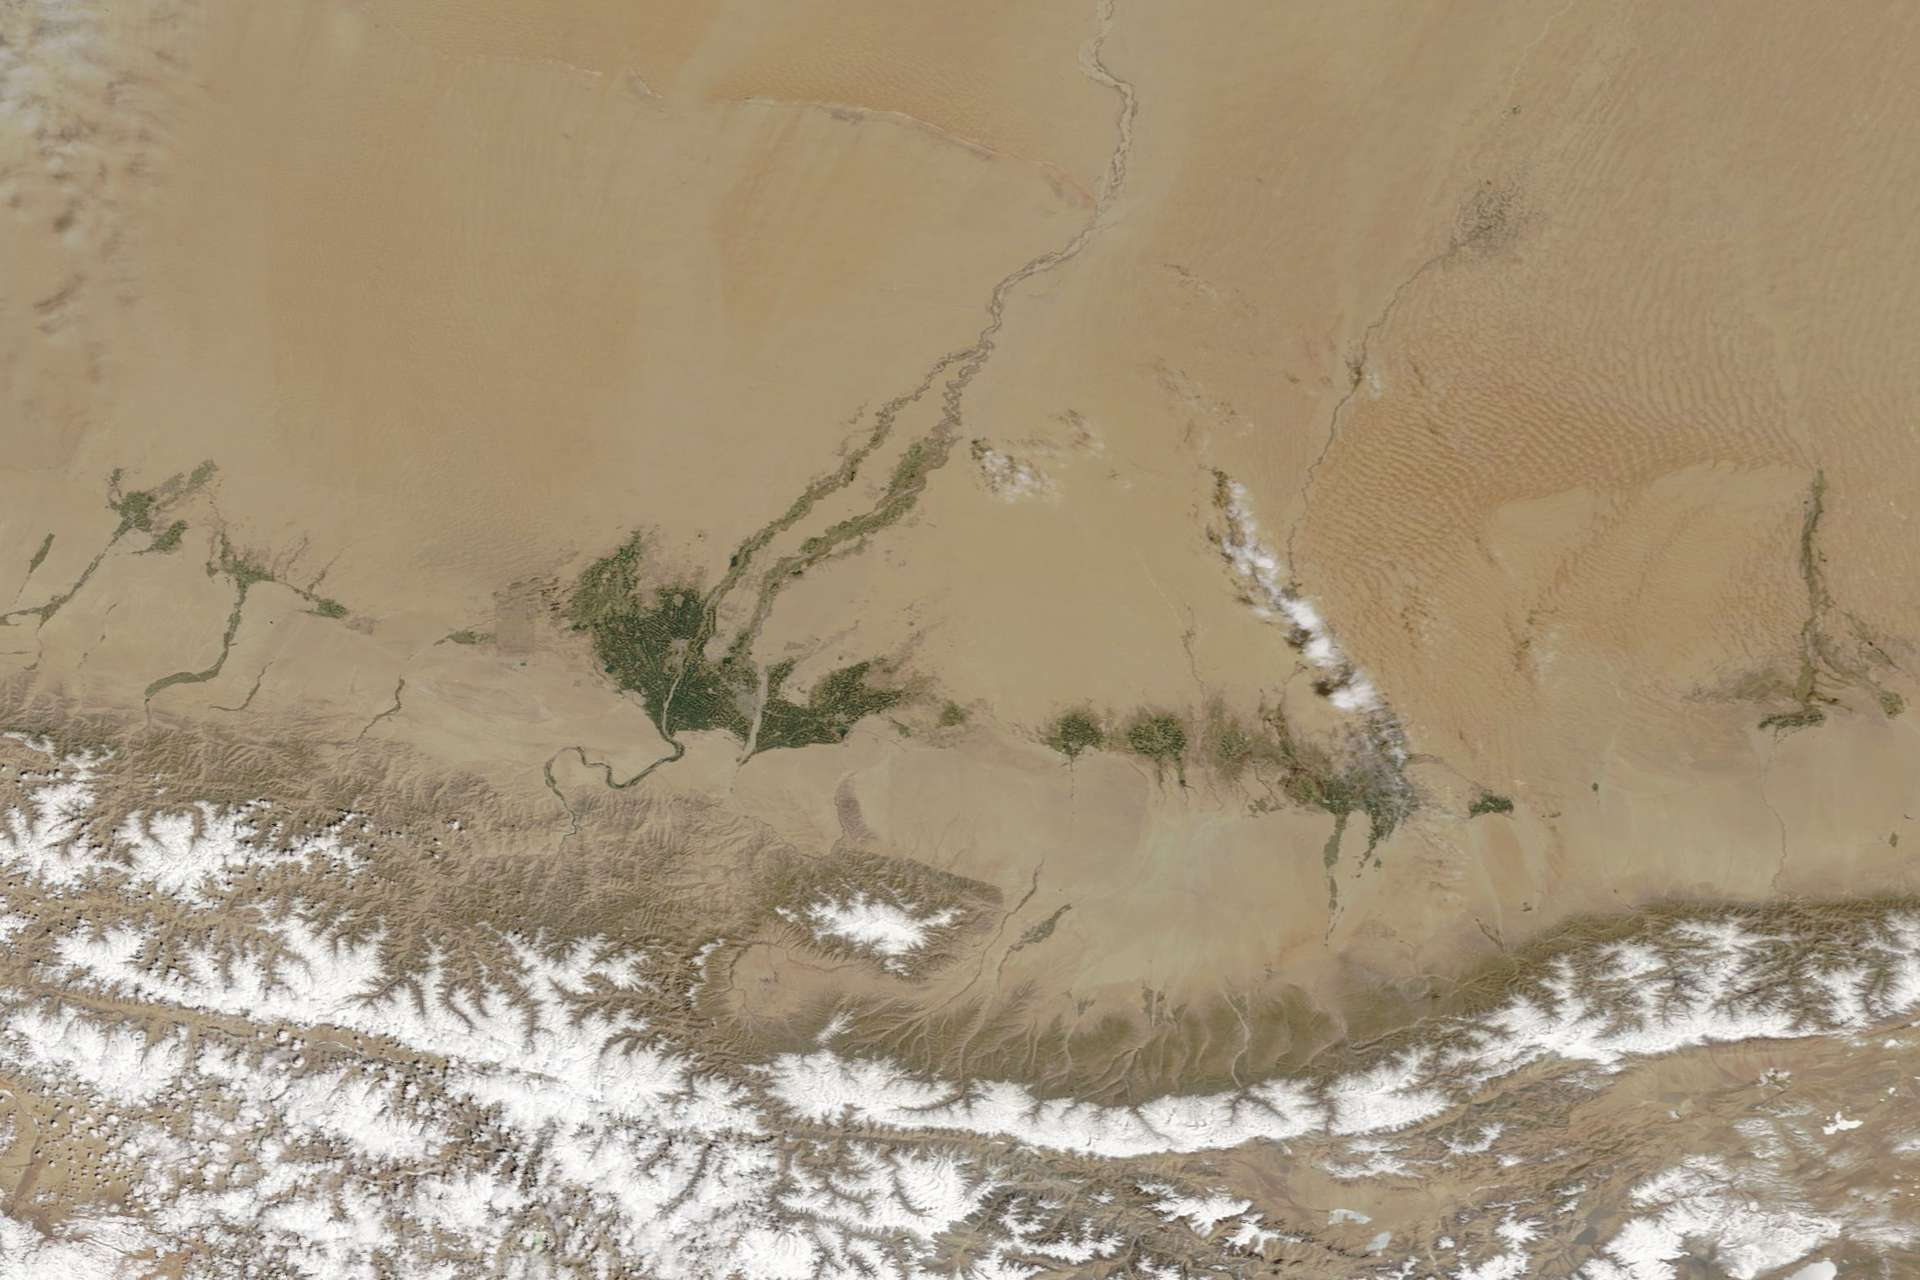 Désert du Taklamakan et oasis de Khotan. On peut voir la cordillère de Kulun, en bas de l'image. © Lauren Dauphin, Modis, Nasa